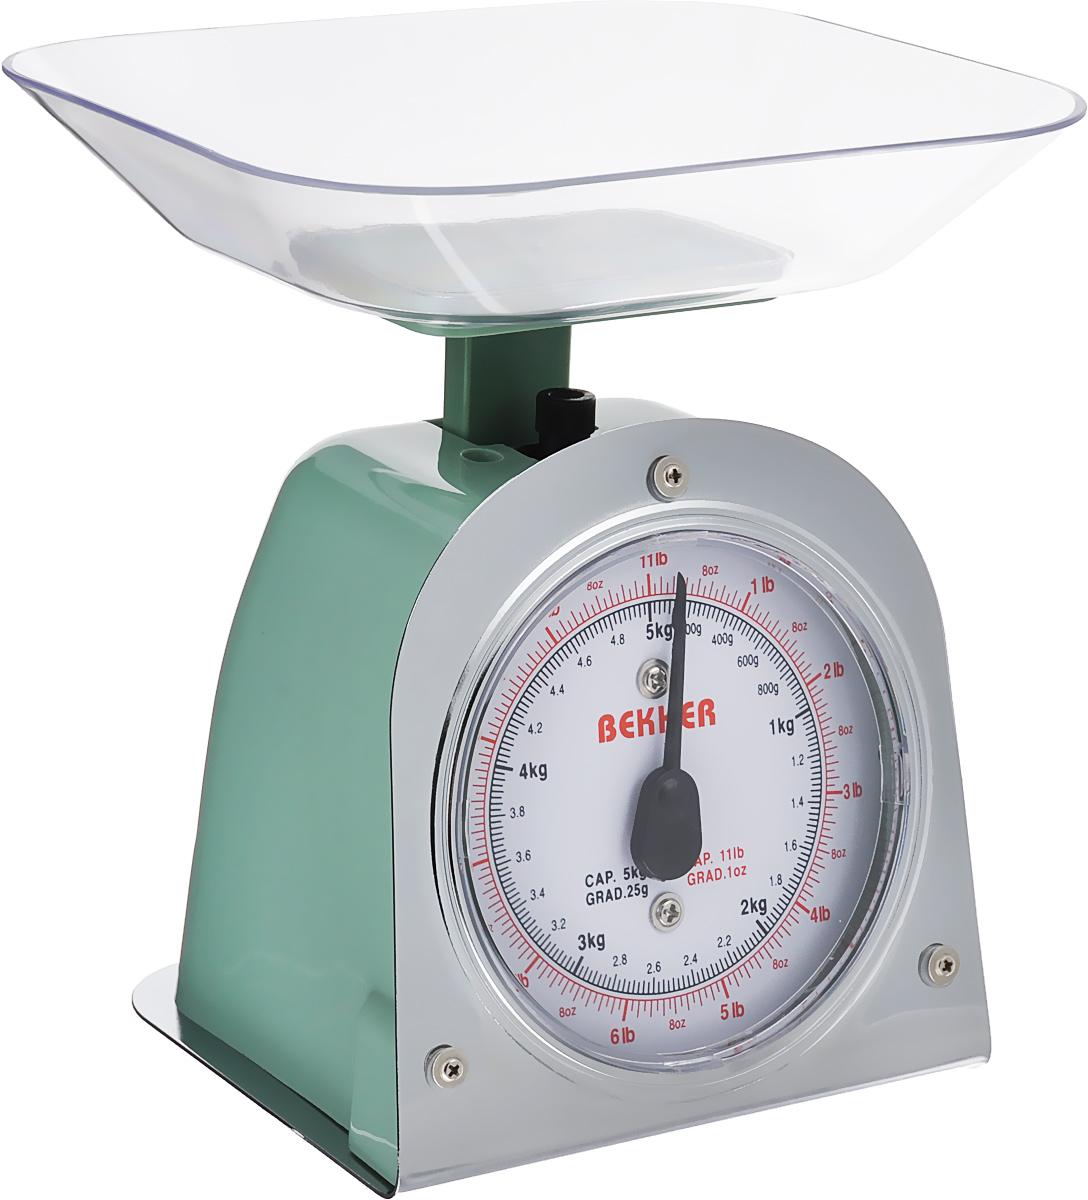 Весы кухонные Bekker Koch, цвет: зеленый, до 5 кгBK-2_зеленыйВесы кухонные Bekker Koch предназначены для взвешивания продуктов. Основание весов изготовлено из металла, а корпус из высококачественного пластика. Весы имеют регулятор мерной шкалы и съемную чашу, изготовленную из пластика. Весы выдерживают до 5 килограмм веса. Кухонные весы Bekker Koch придутся по душе каждой хозяйке и станут незаменимым аксессуаром на кухне. Размер весов (с учетом чаши): 13,5 см х 12 см х 19 см. Цена деления: 25 г. Максимальная нагрузка: 5 кг. Размер съемной чаши: 17,8 см х 15 см х 3,5 см.